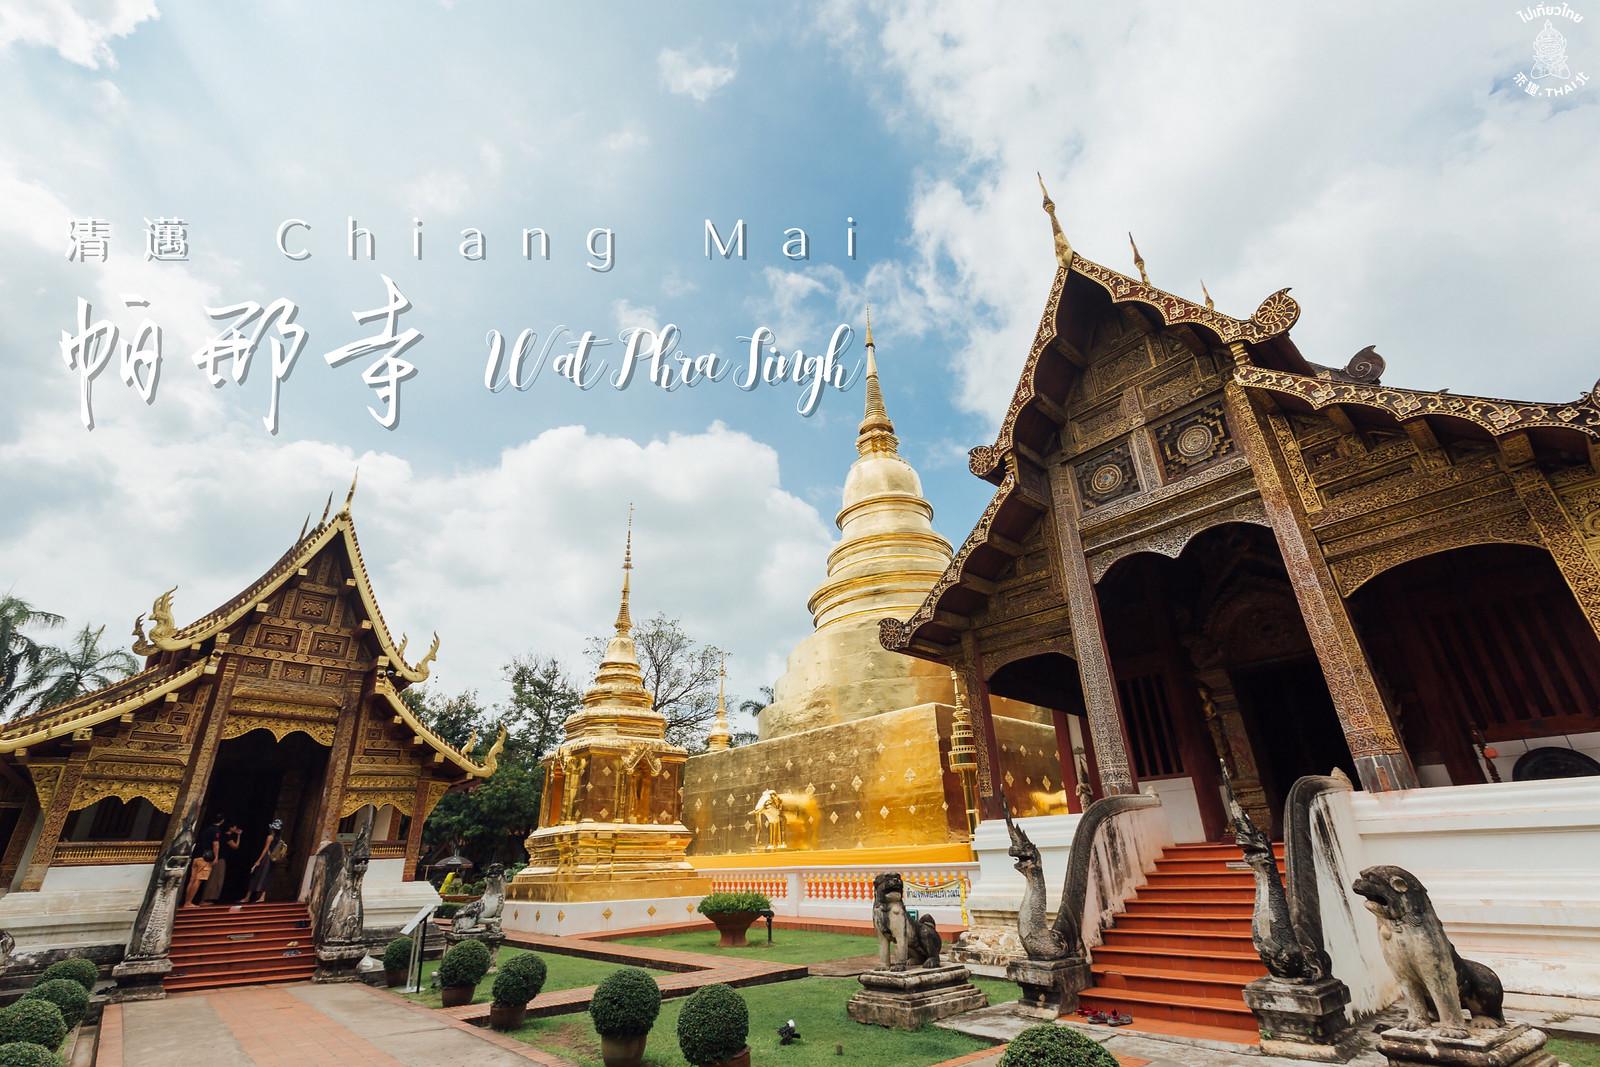 清邁獅子佛『帕邢寺วัดพระสิงห์วรมหาวิหาร Wat Phra Singh』